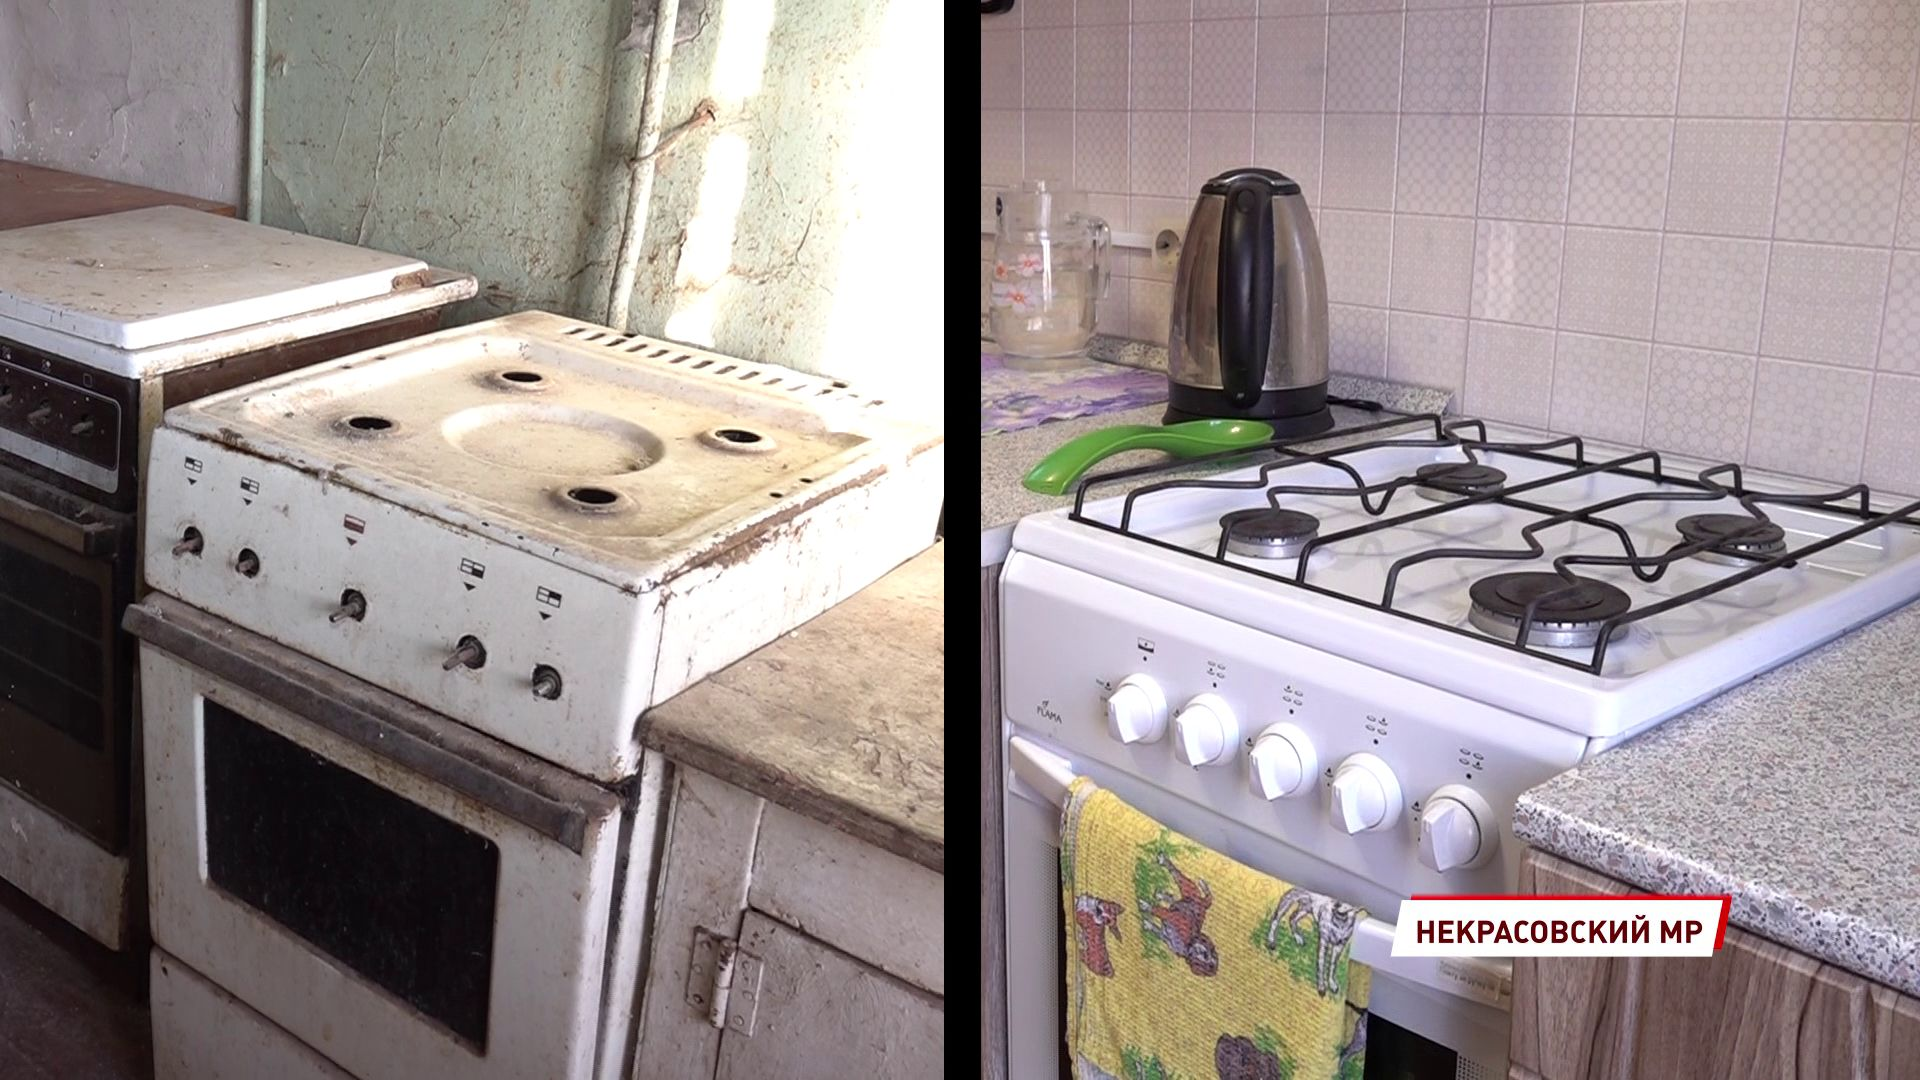 Аварийный дом в поселке Красный Профинтерн постепенно расселяют